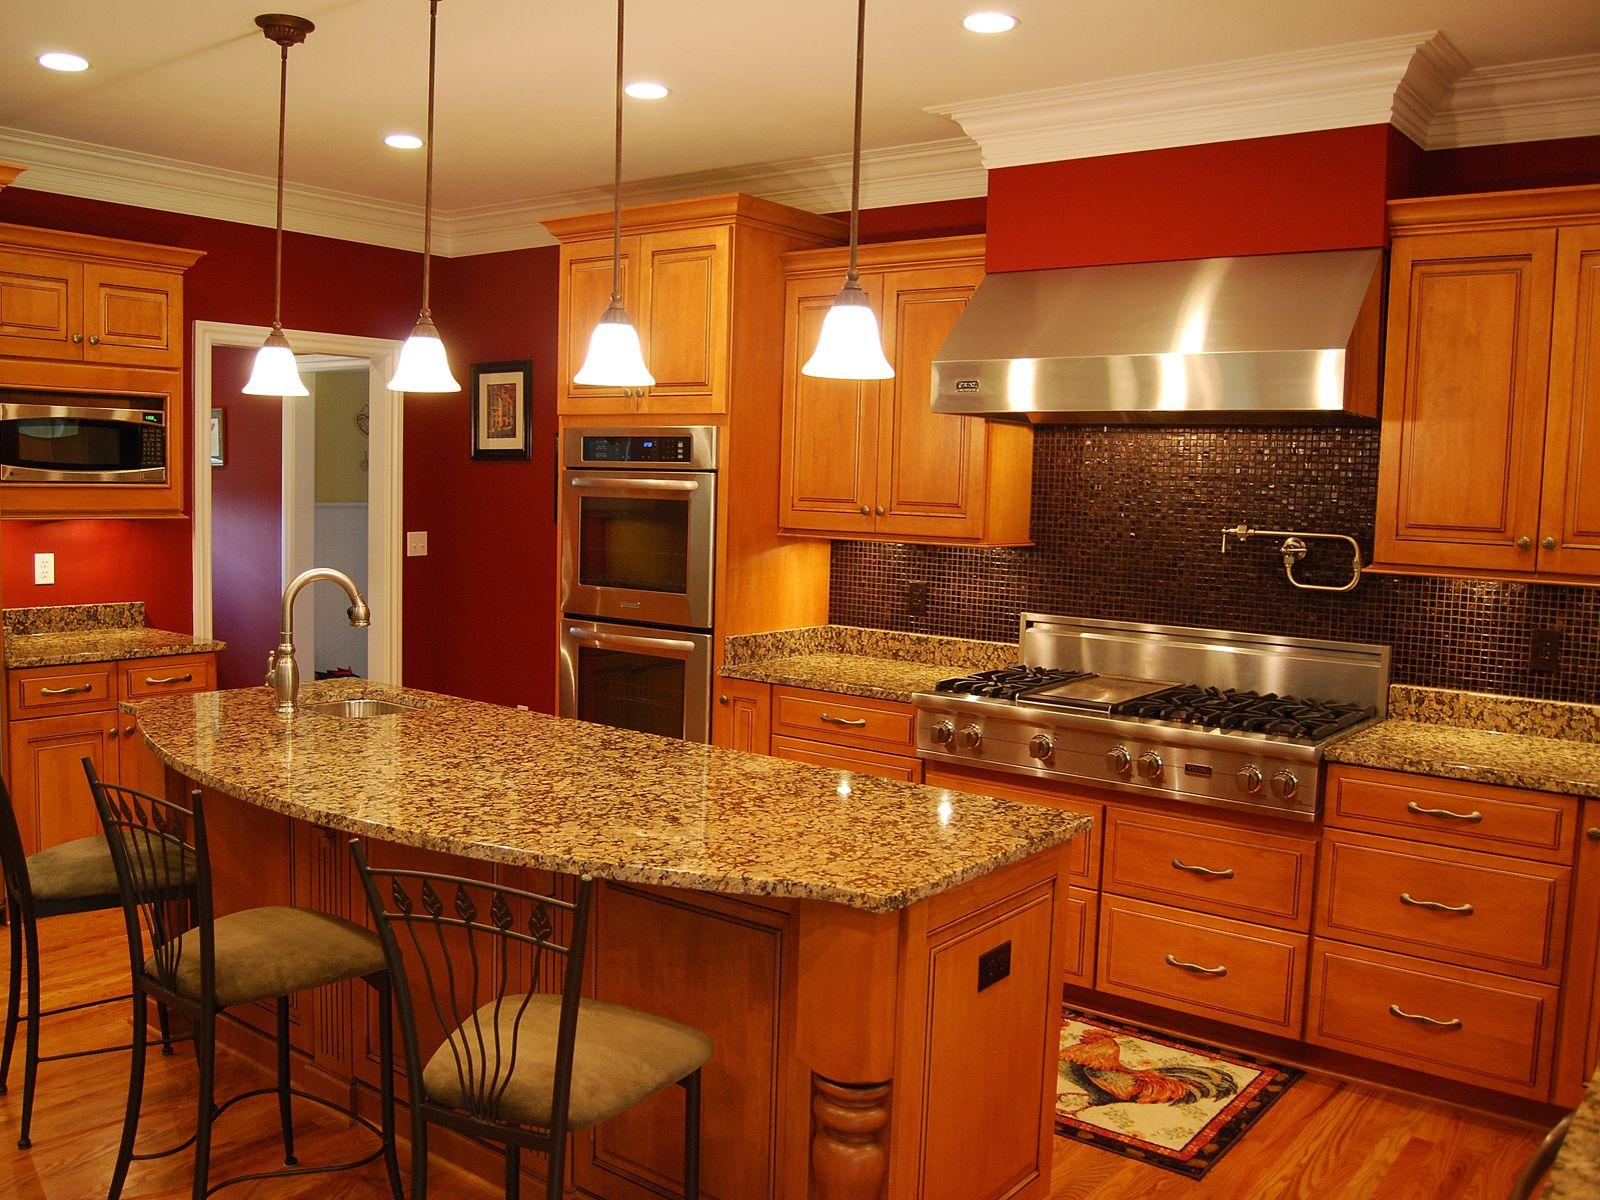 Manor House Kitchens Inc image 6